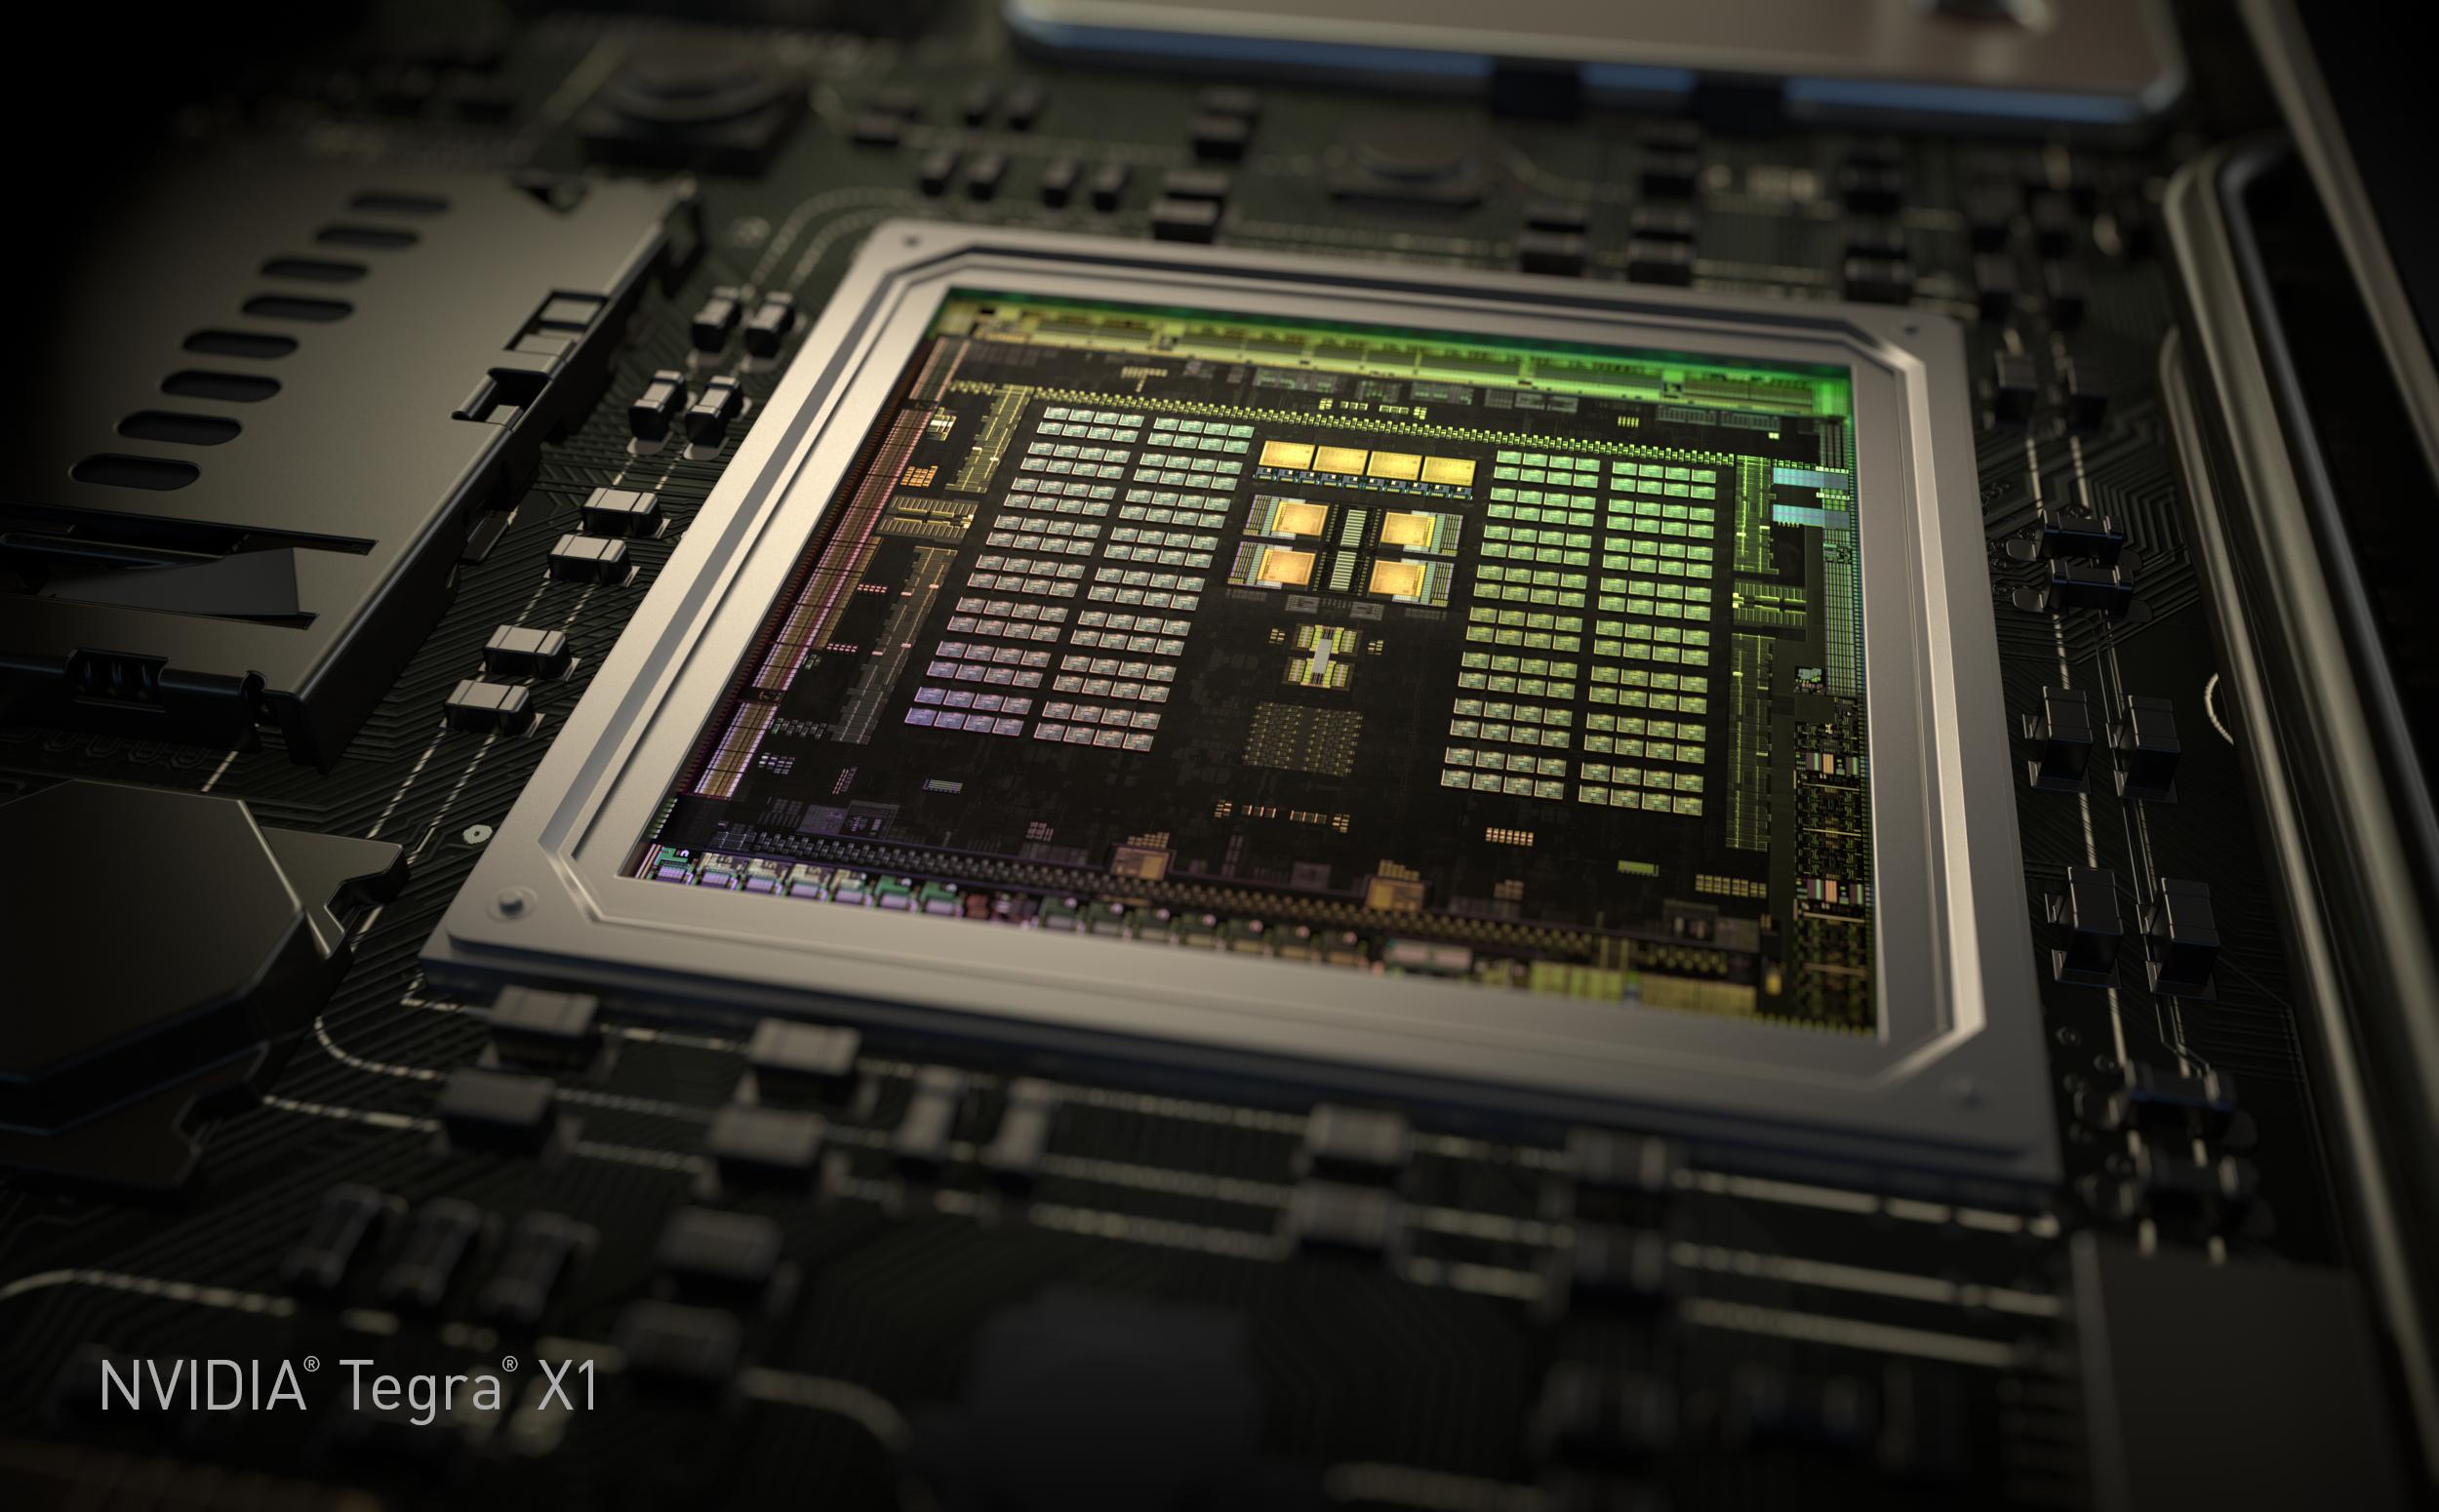 NVIDIA's Tegra X1 Puts A Teraflop In Your Pocket